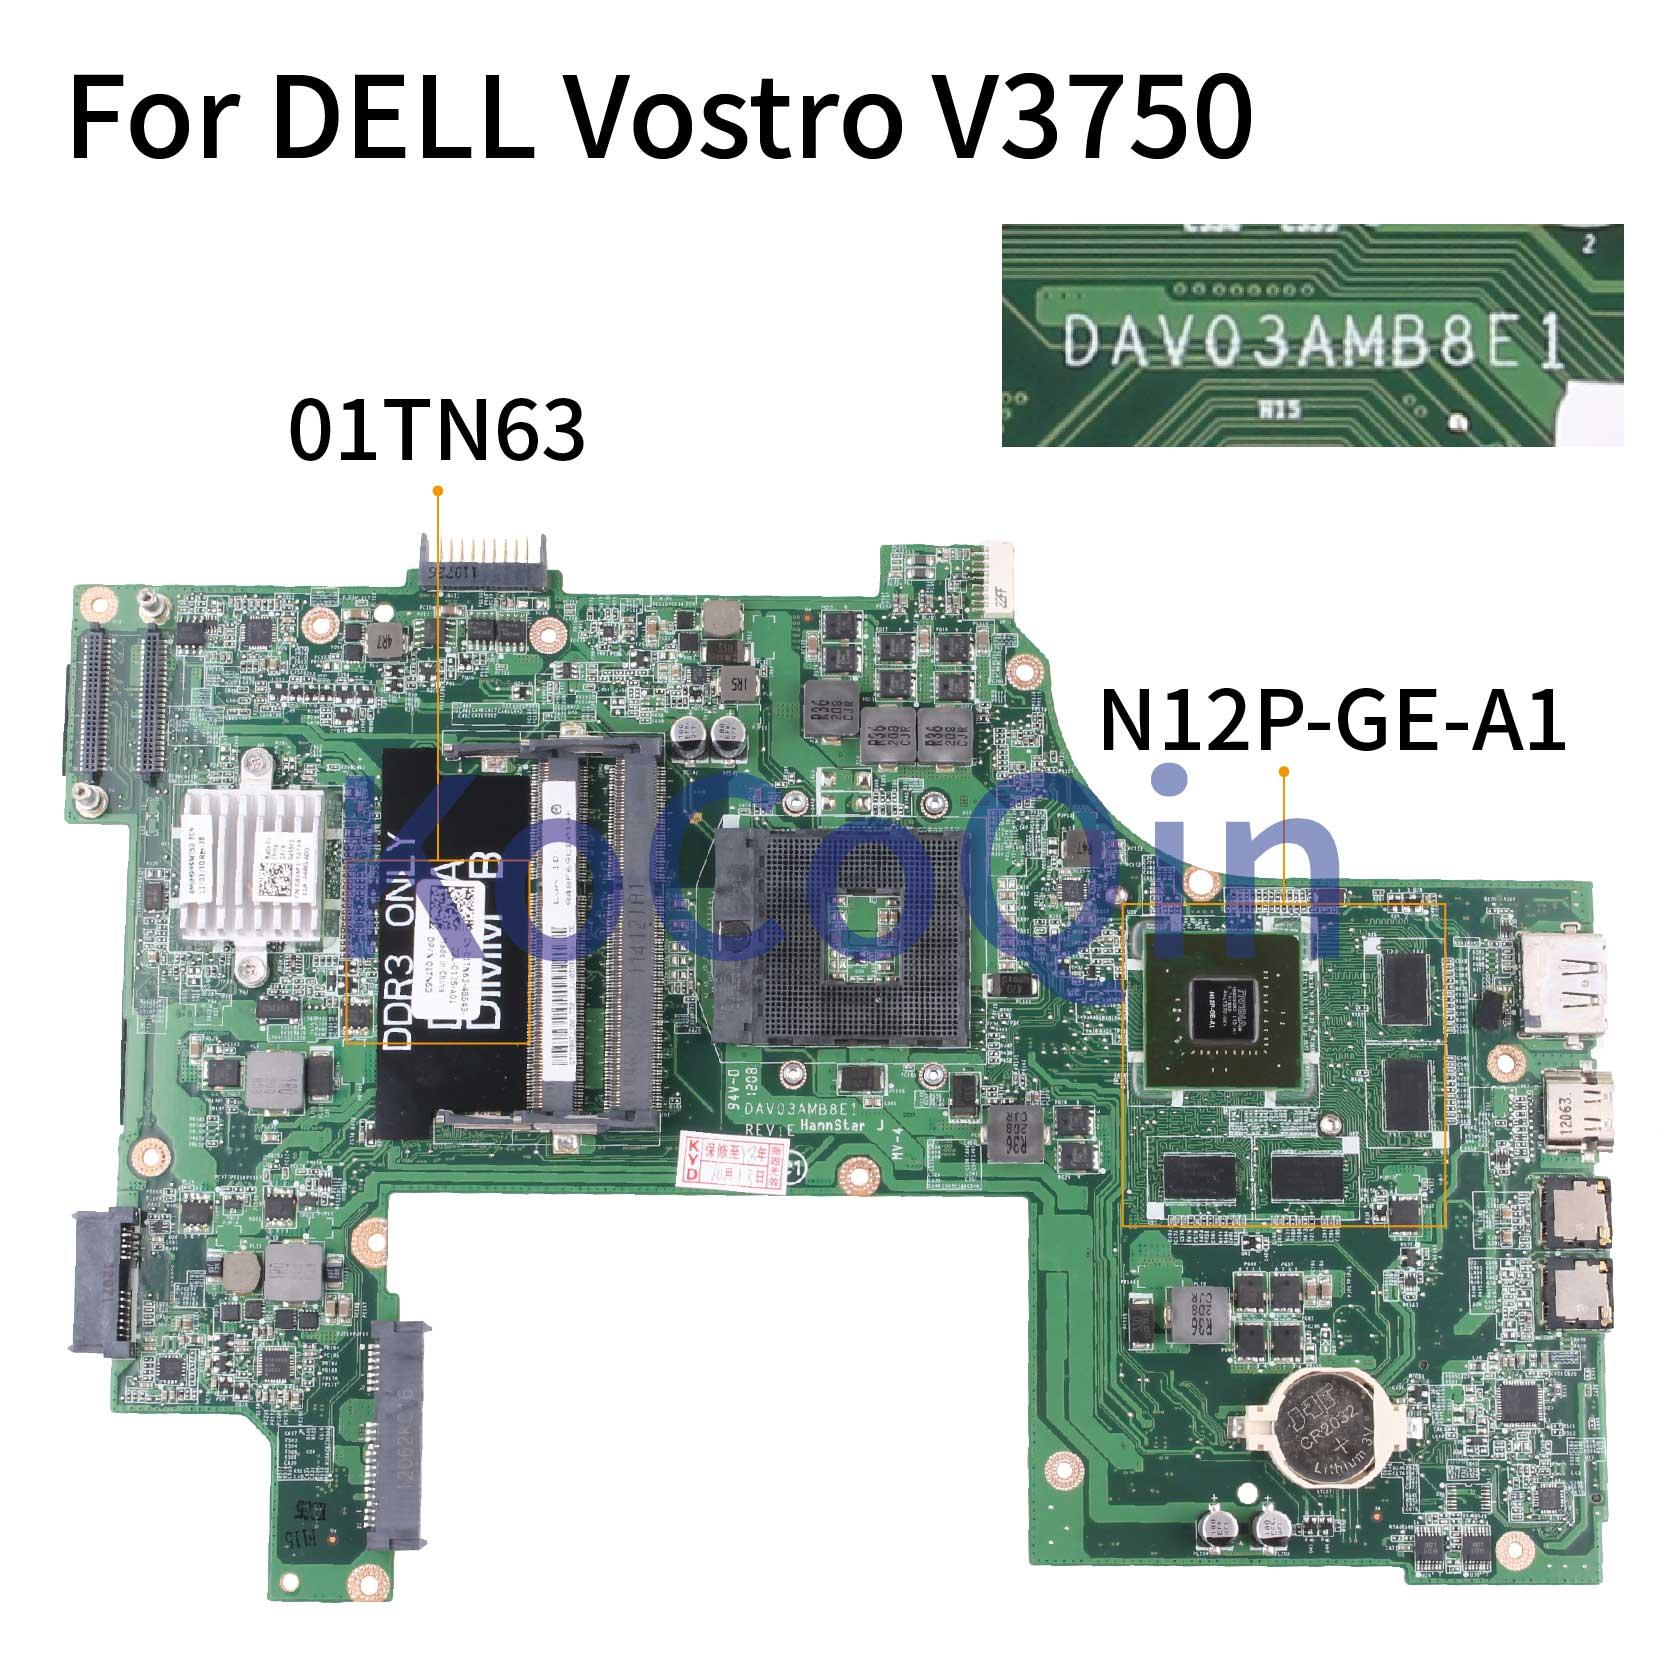 KoCoQin Laptop Motherboard For DELL Vostro 3750 V3750 Mainboard CN-01TN63 01TN63 DAV03AMB8E0 DAV03AMB8E1 HM67 N12P-GE-A1 1G